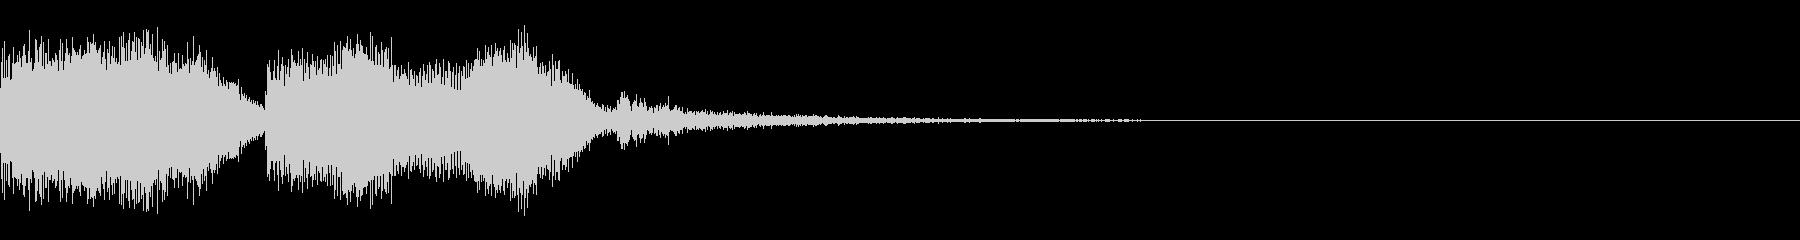 テーレッテレー1/ドッキリにの未再生の波形